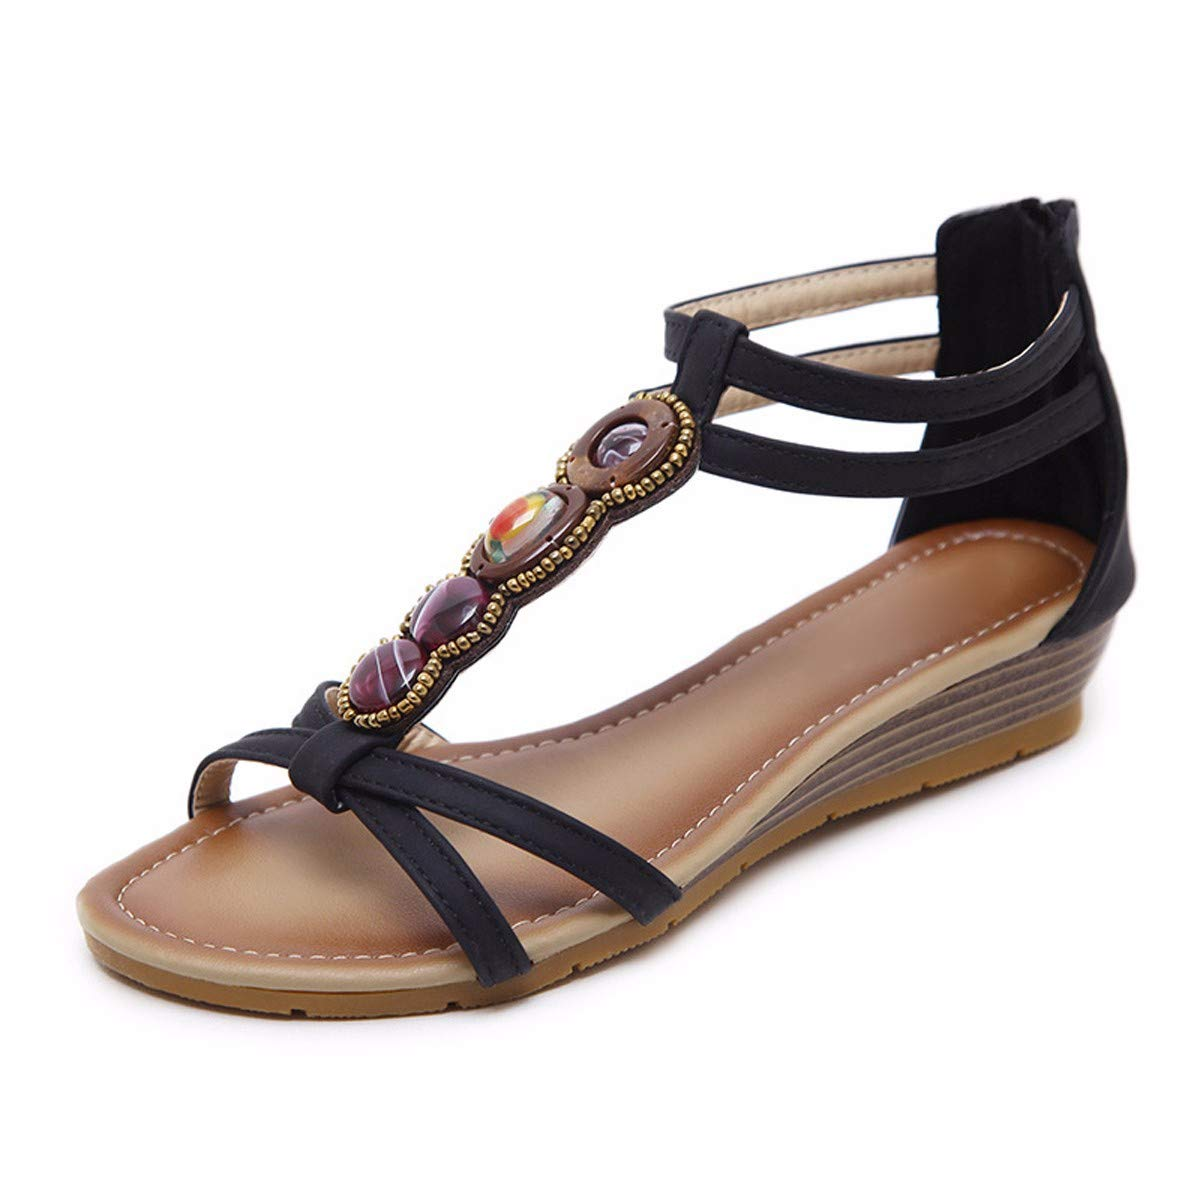 KPHY-Nationale Frauen - - - Sandalen Urlaub Retro - Piste Mode - Sandalen Und Kleider.35 Schwarz - e8a66f